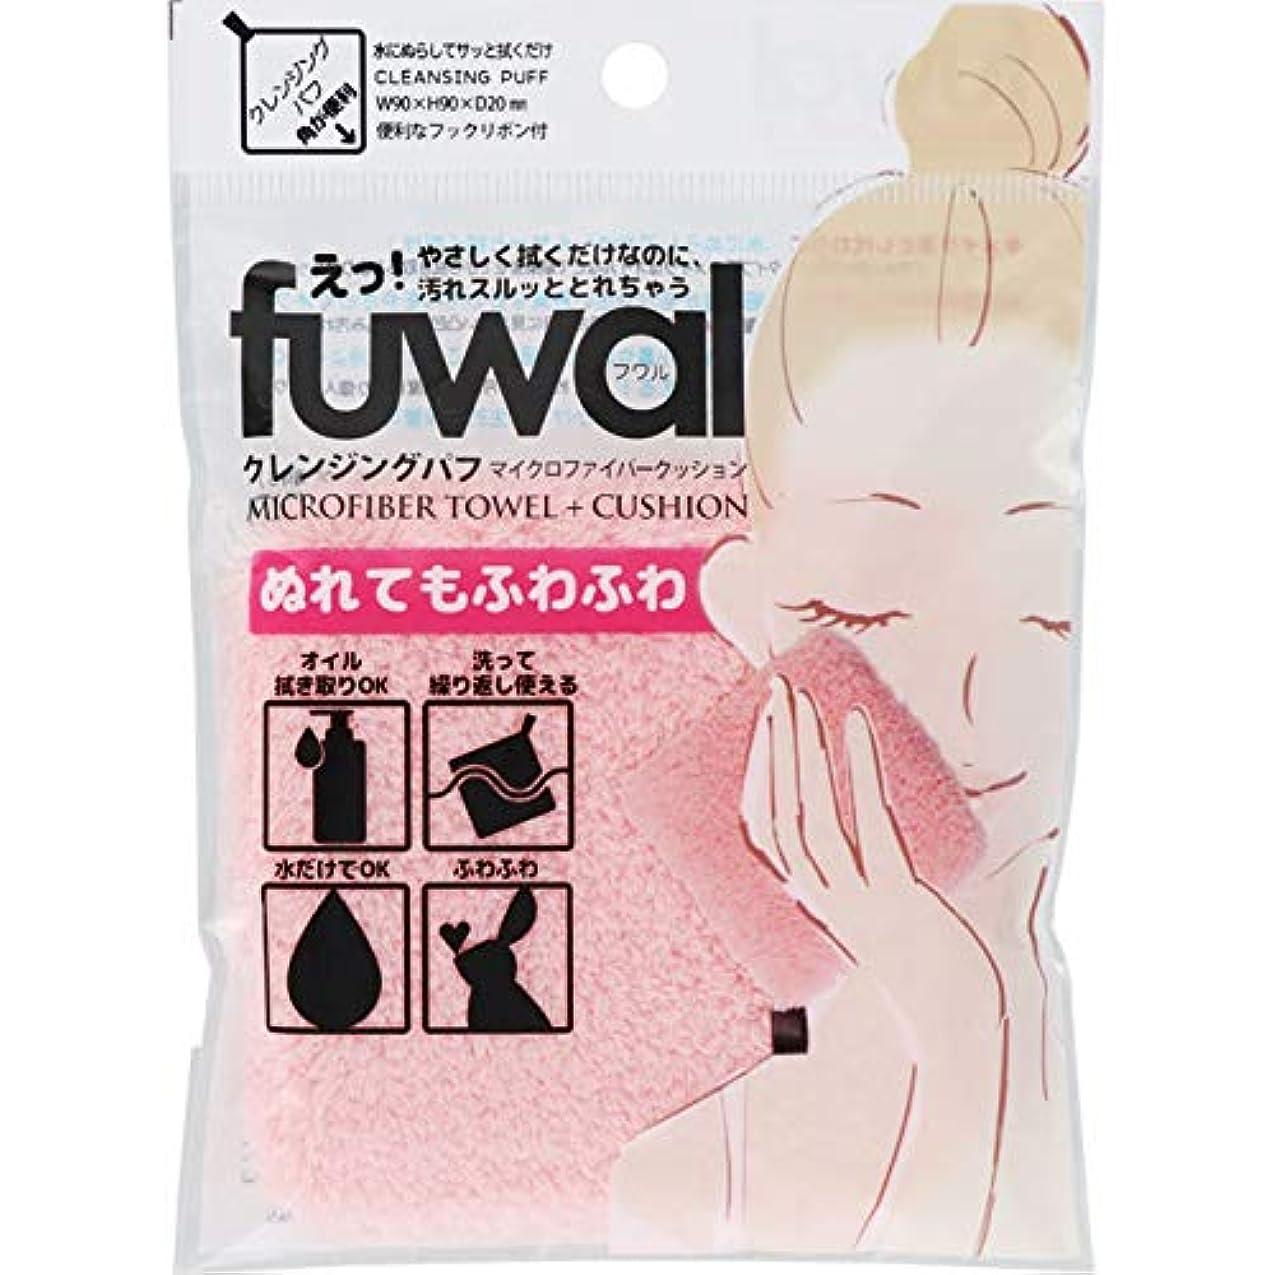 オン干渉へこみリヨンプランニング fuwal フワルクレンジングパフ